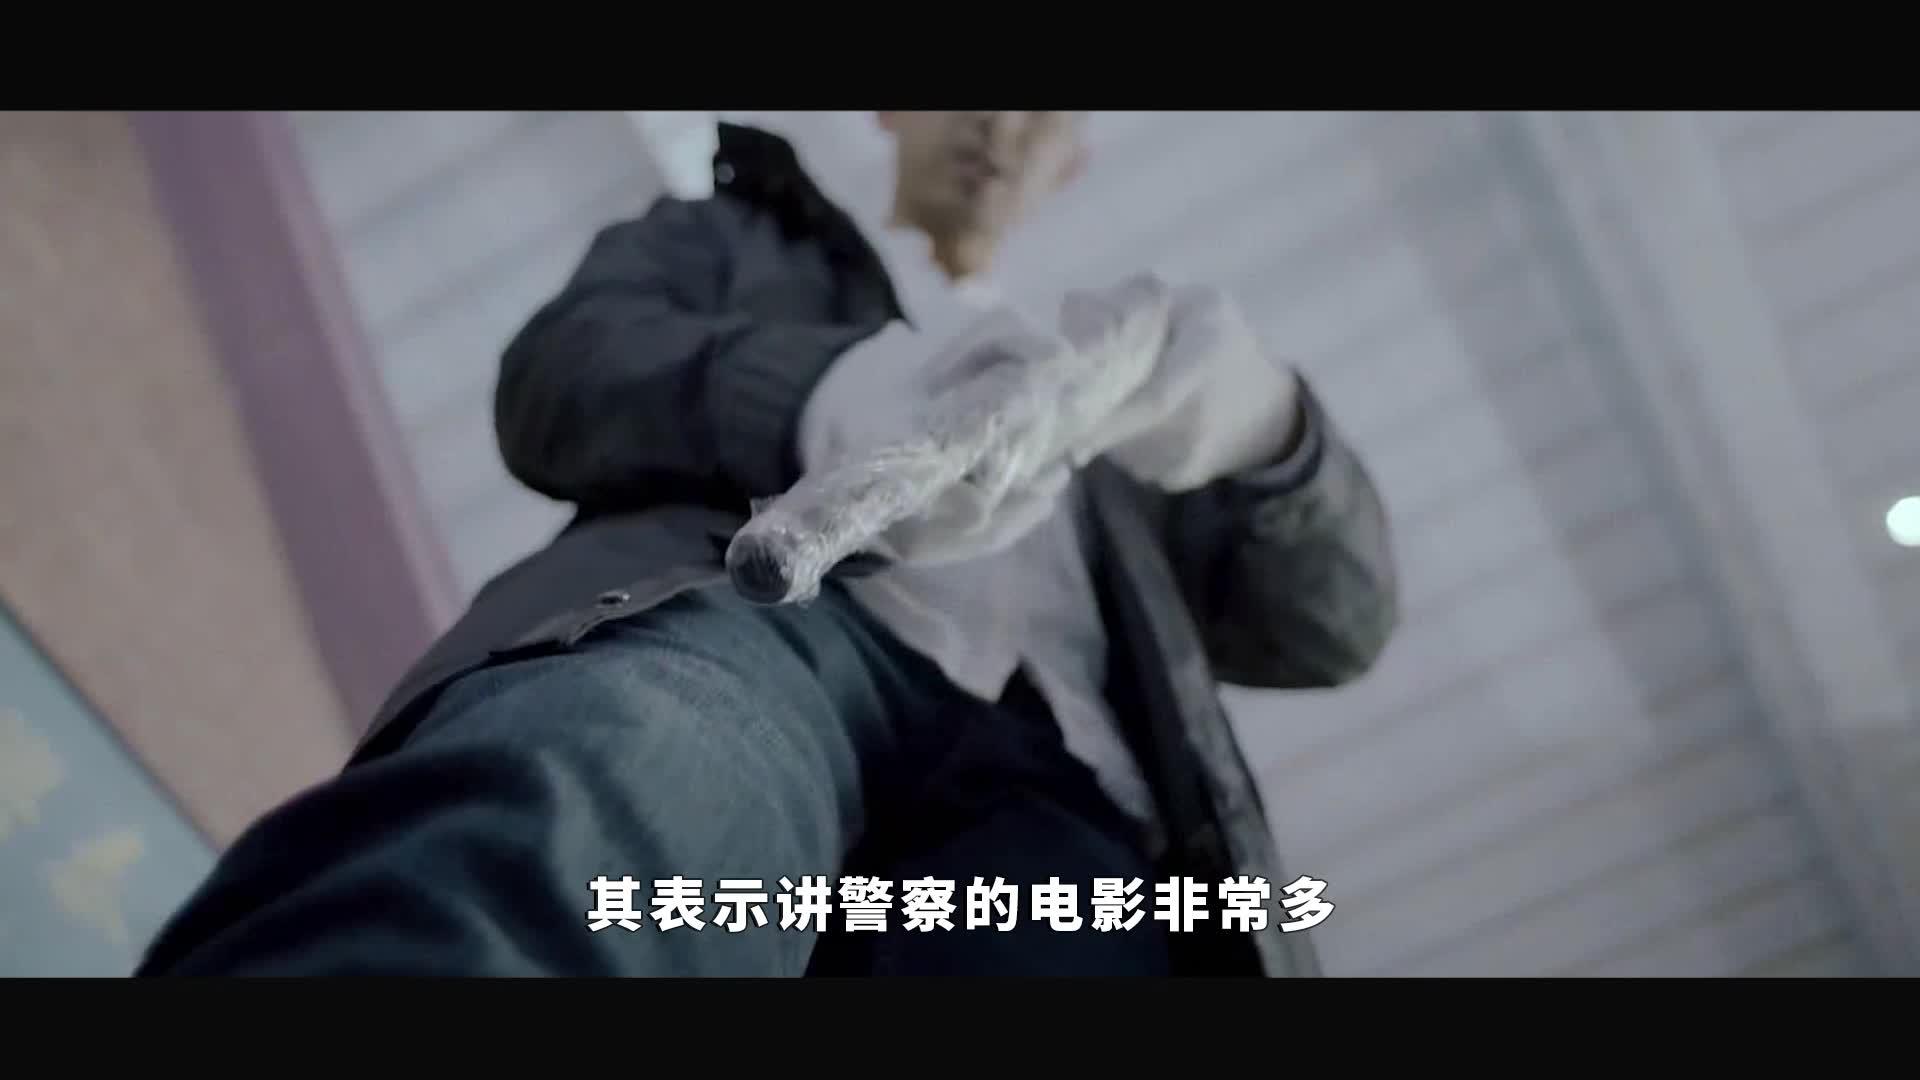 《追凶十九年》 刑侦类型新突破,犯罪片导演打造中国版杀人回忆